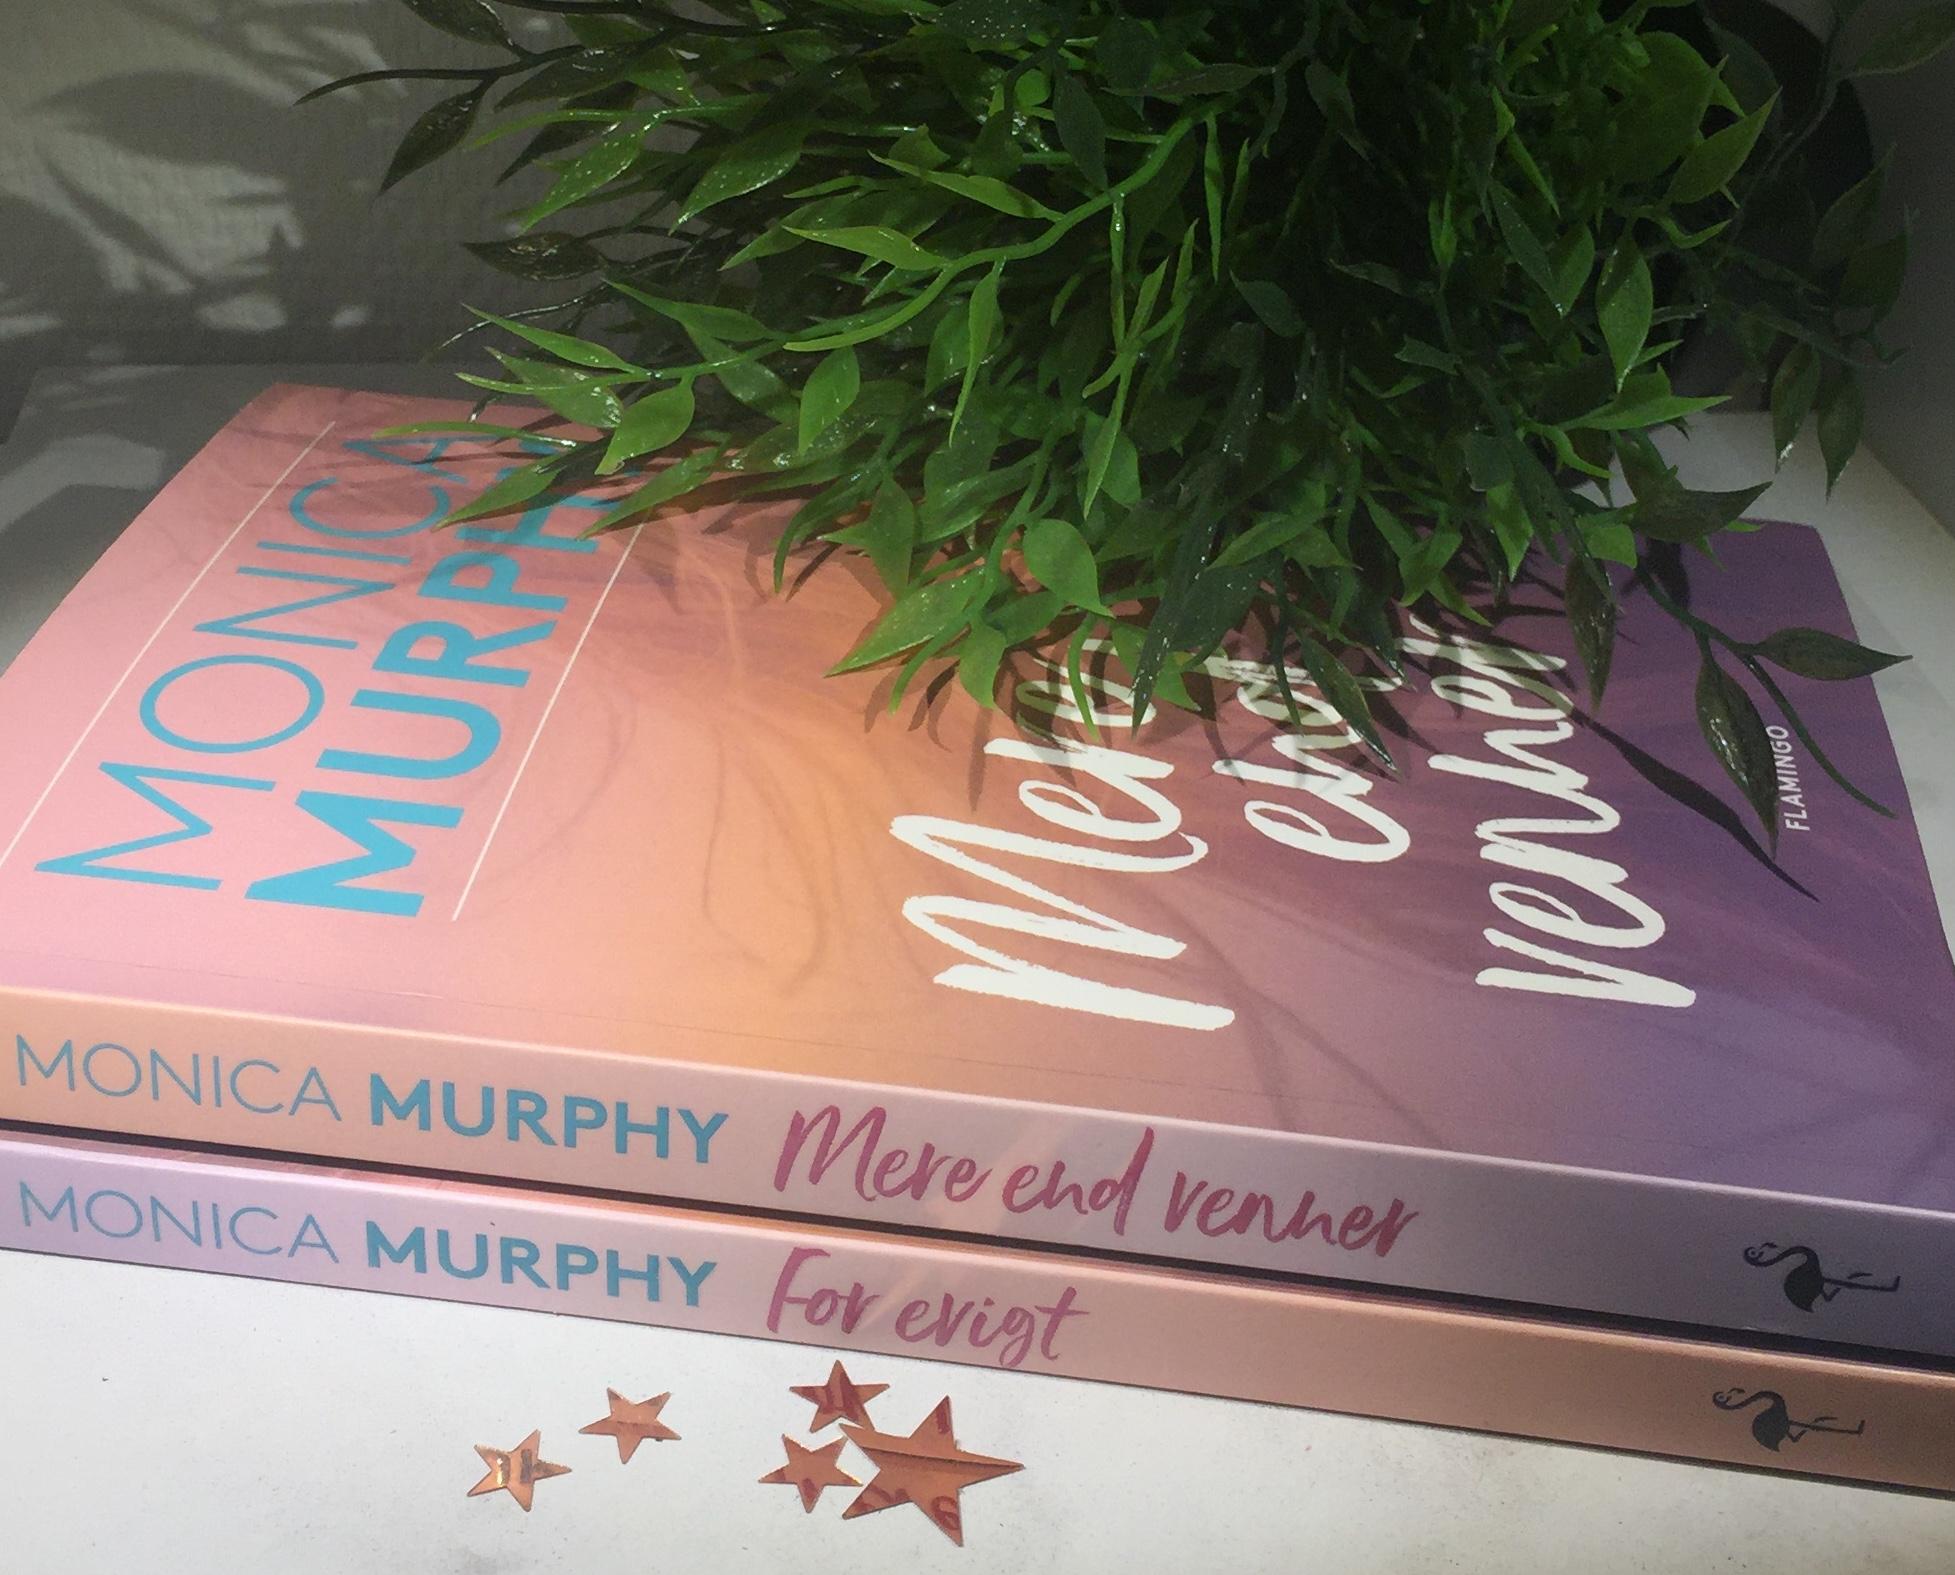 Monica Murphy, Mere end venner, For evigt, Boganmeldelse FOr evigt, Boganmeldelse Monica Murphy, Flamingo Books, Flamingobooks, Flamingo, Krummes Krummelurer, Krummes anmeldelser,